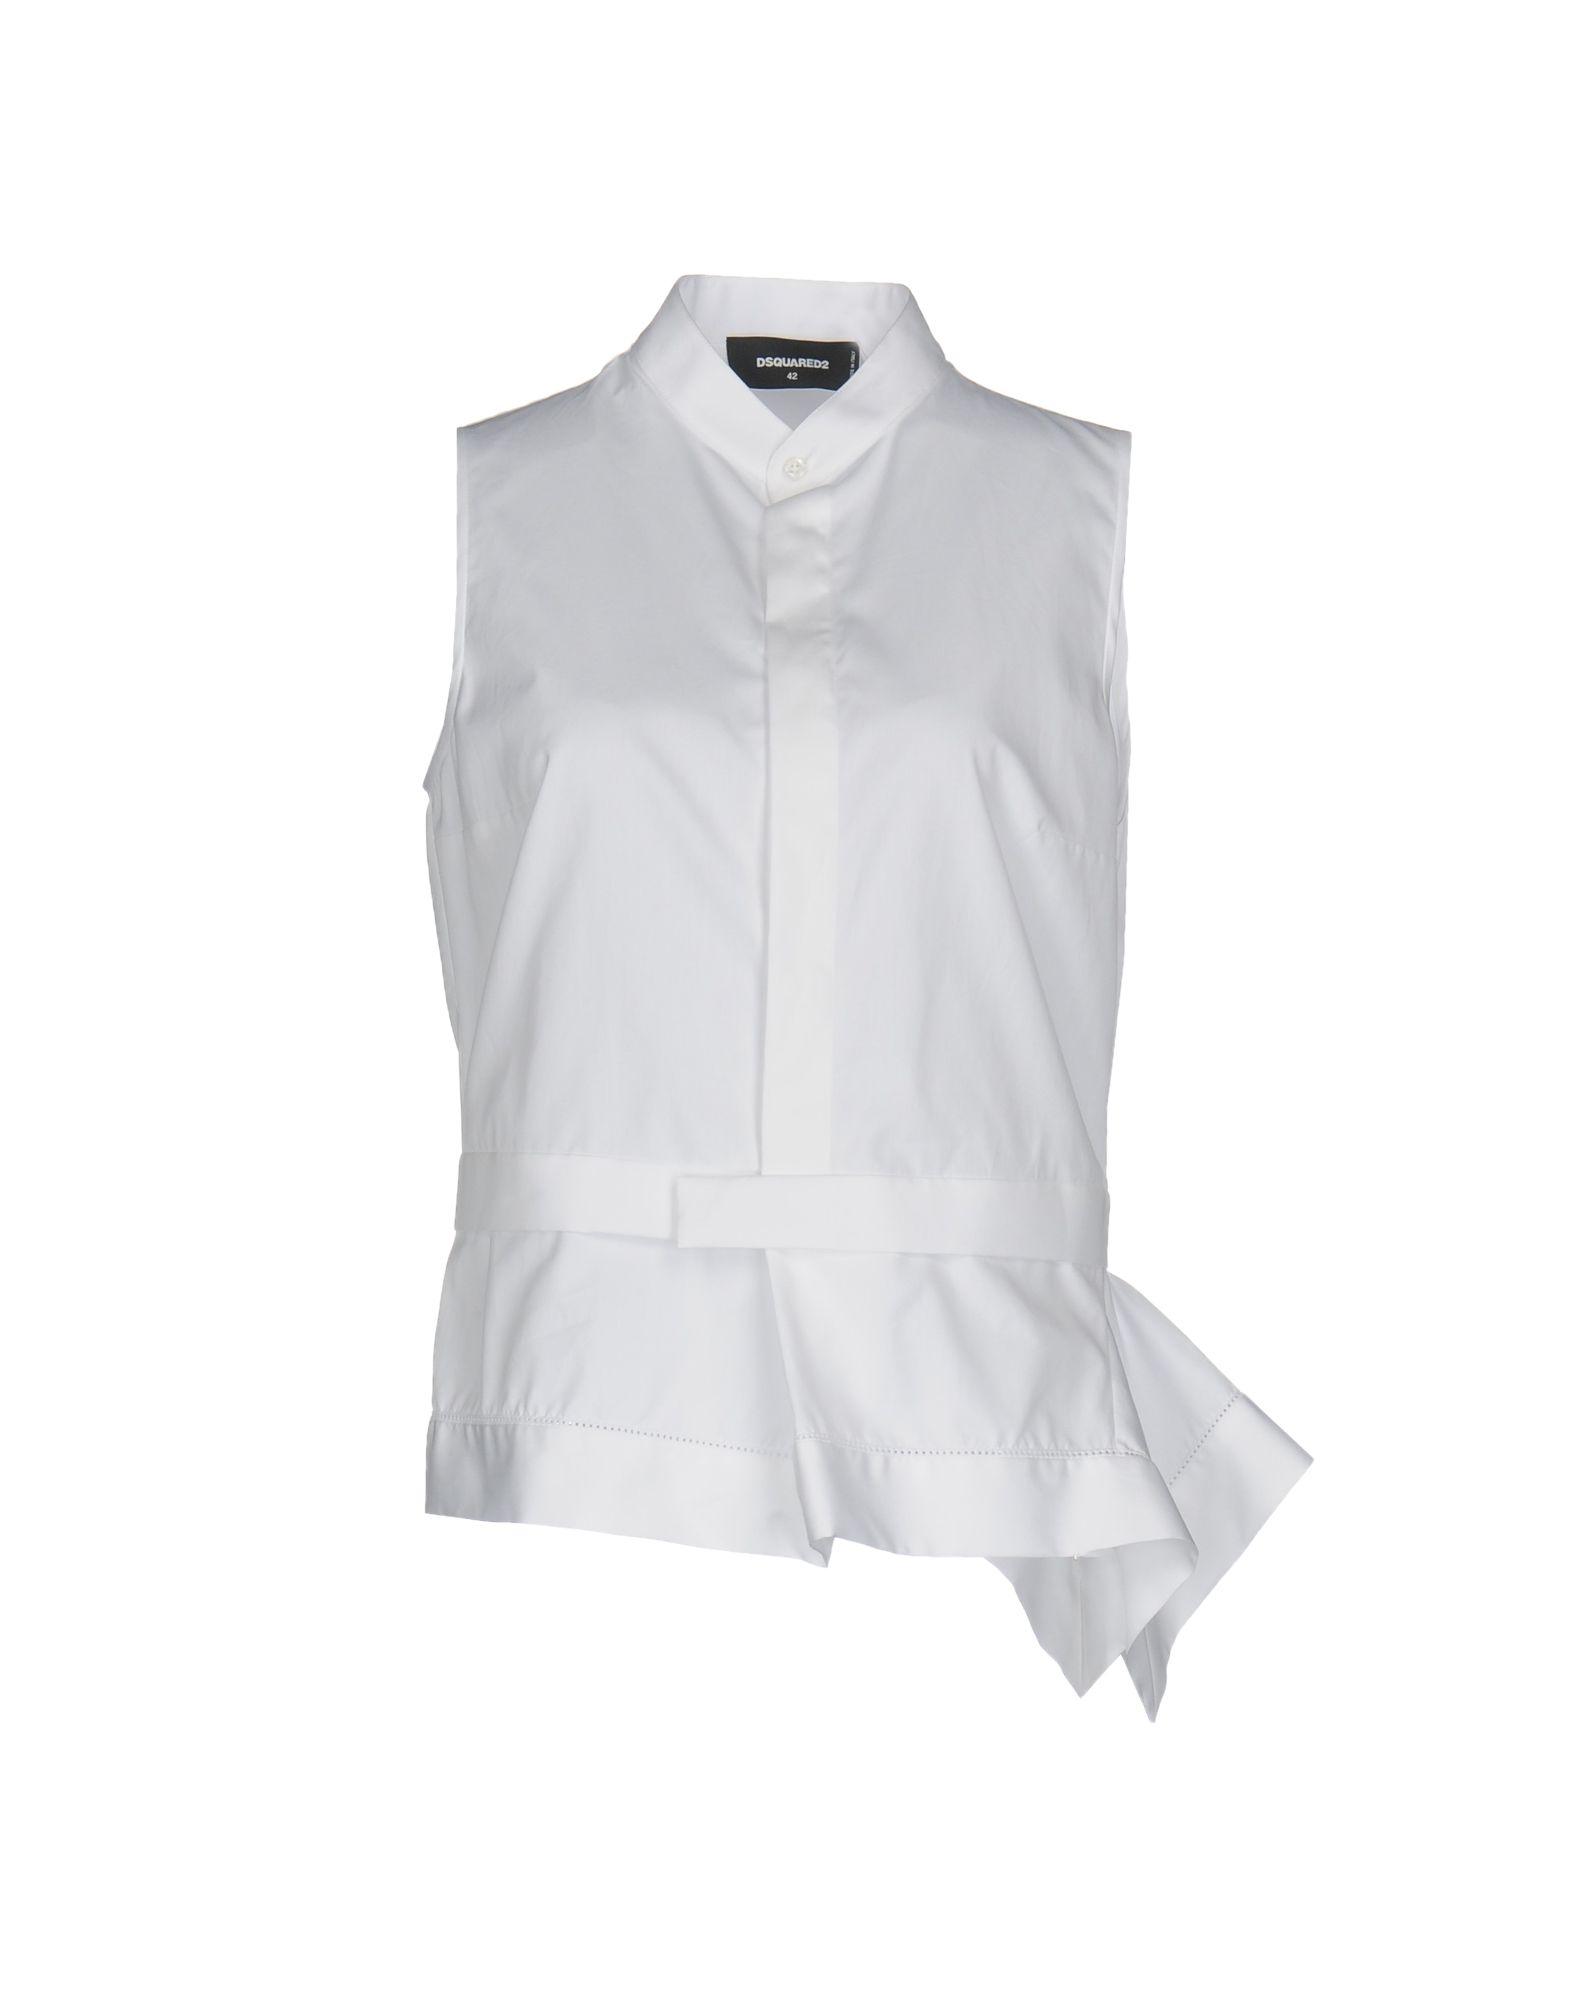 DSQUARED2 Damen Hemd Farbe Weiß Größe 6 jetztbilligerkaufen